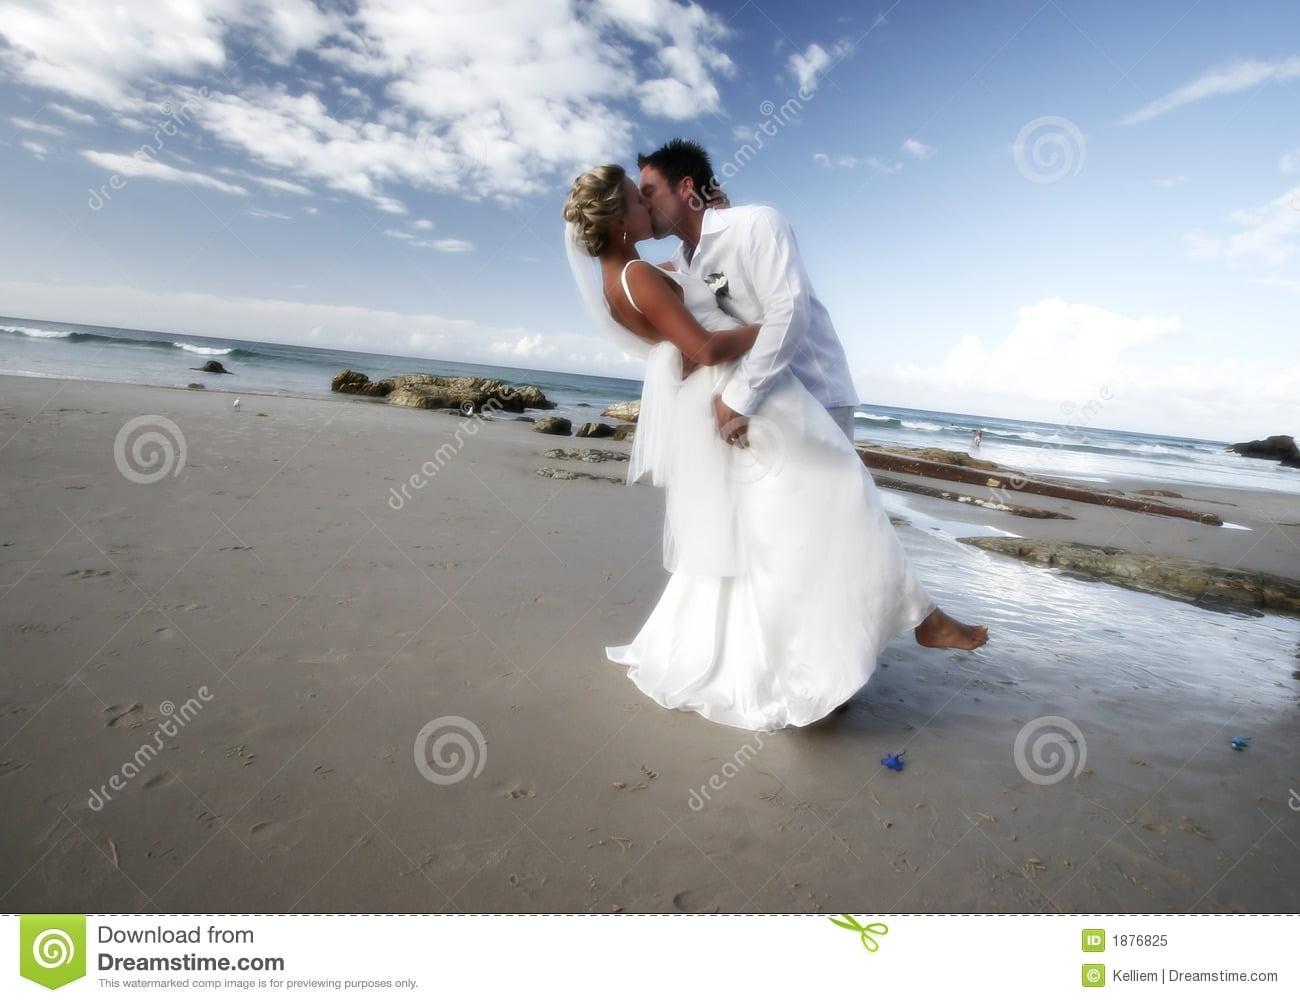 Wedding Kiss Stock Image  Image Of Kiss, Love, Beach, Adorable